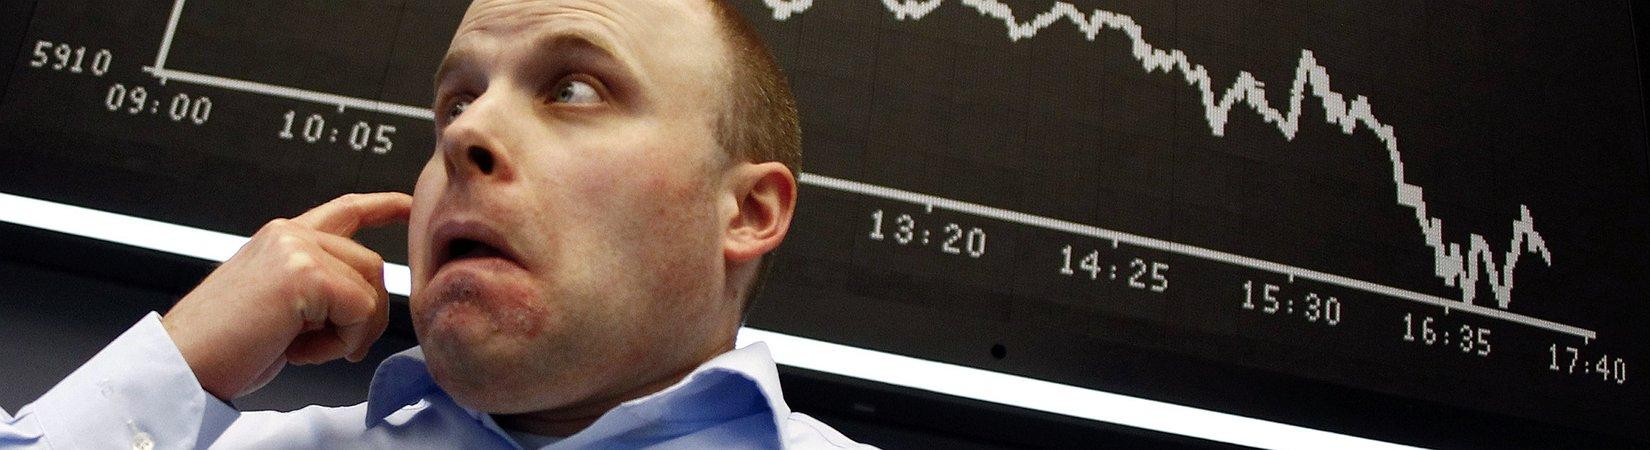 Cómo prepararse para un colapso del mercado: una guía para los inversores